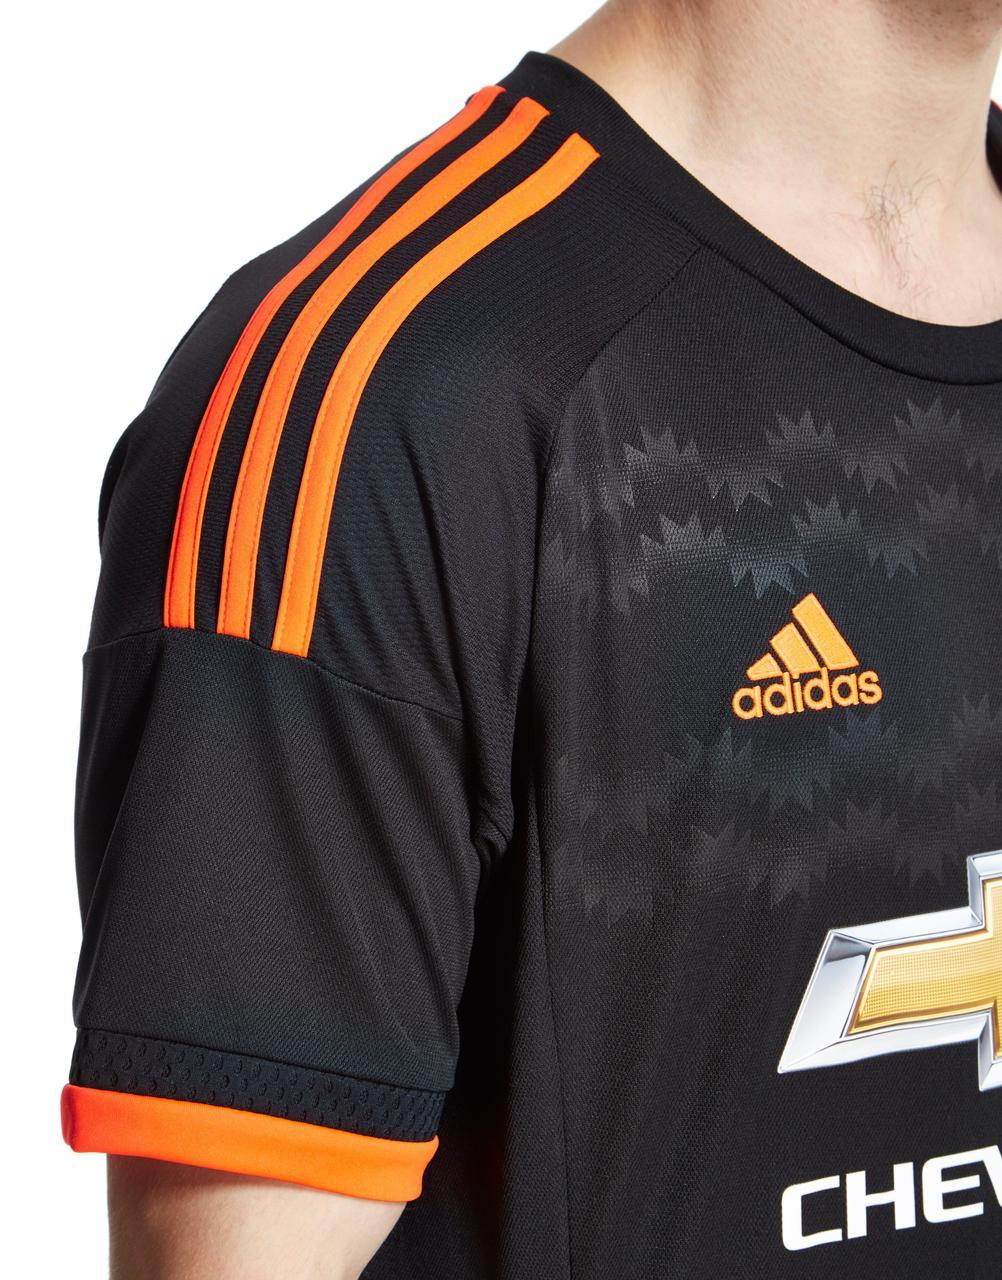 Manchester United 15 16 Adidas Third Kit 15 16 Kits Football Shirt Blog